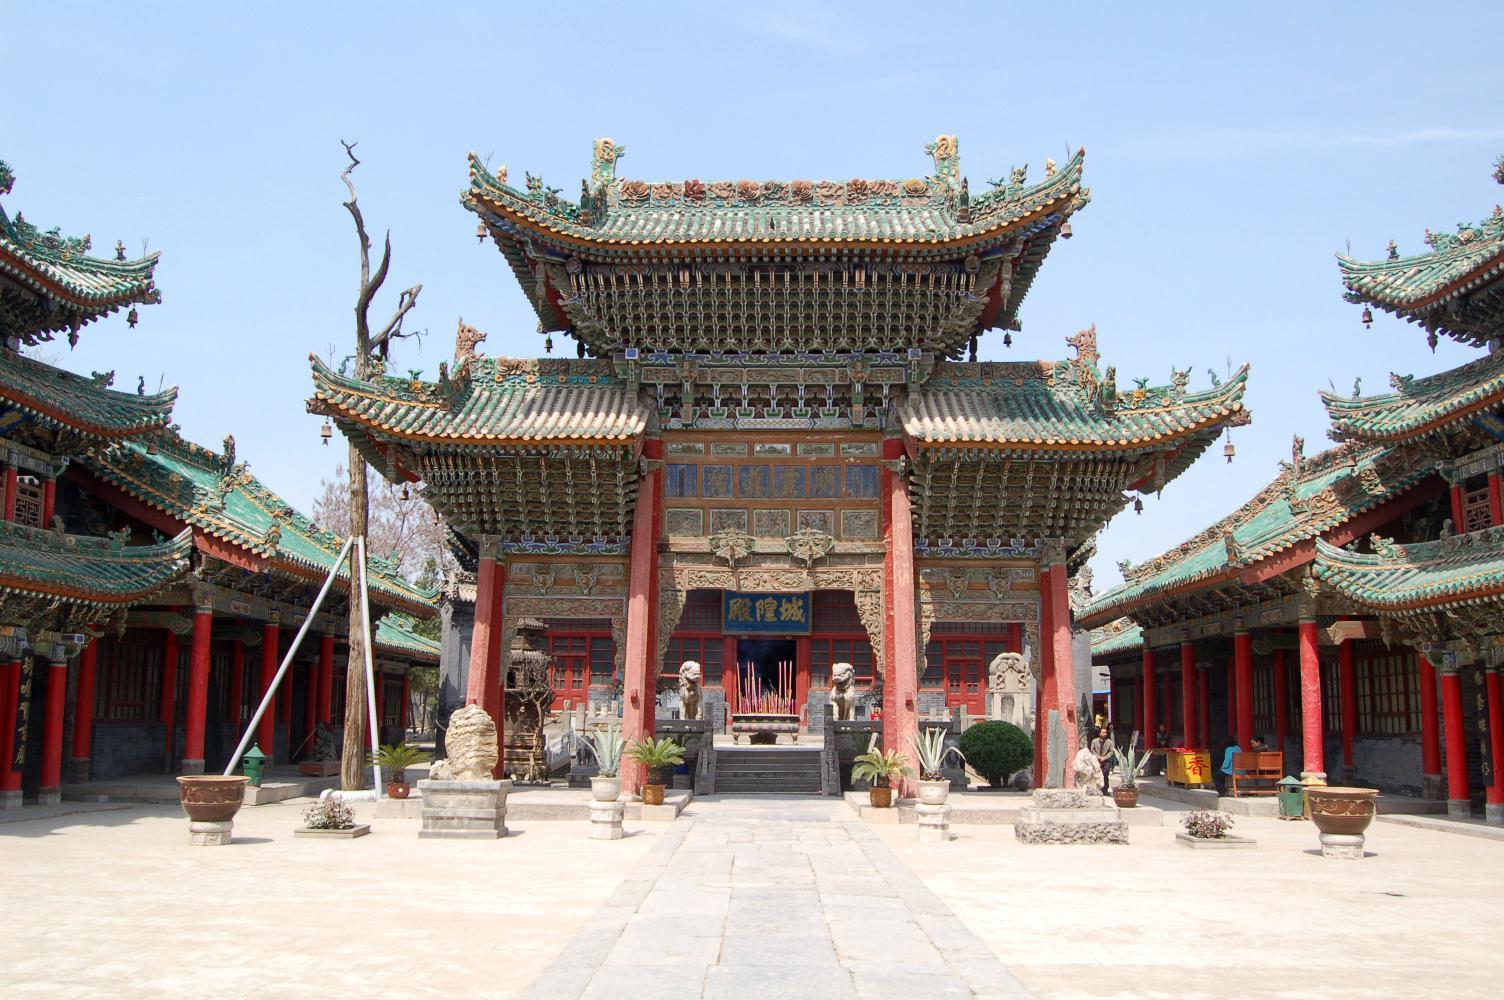 西安向北半個小時,去欣賞全國保存最完好的城隍廟,逛周家大院,吃中華名小吃